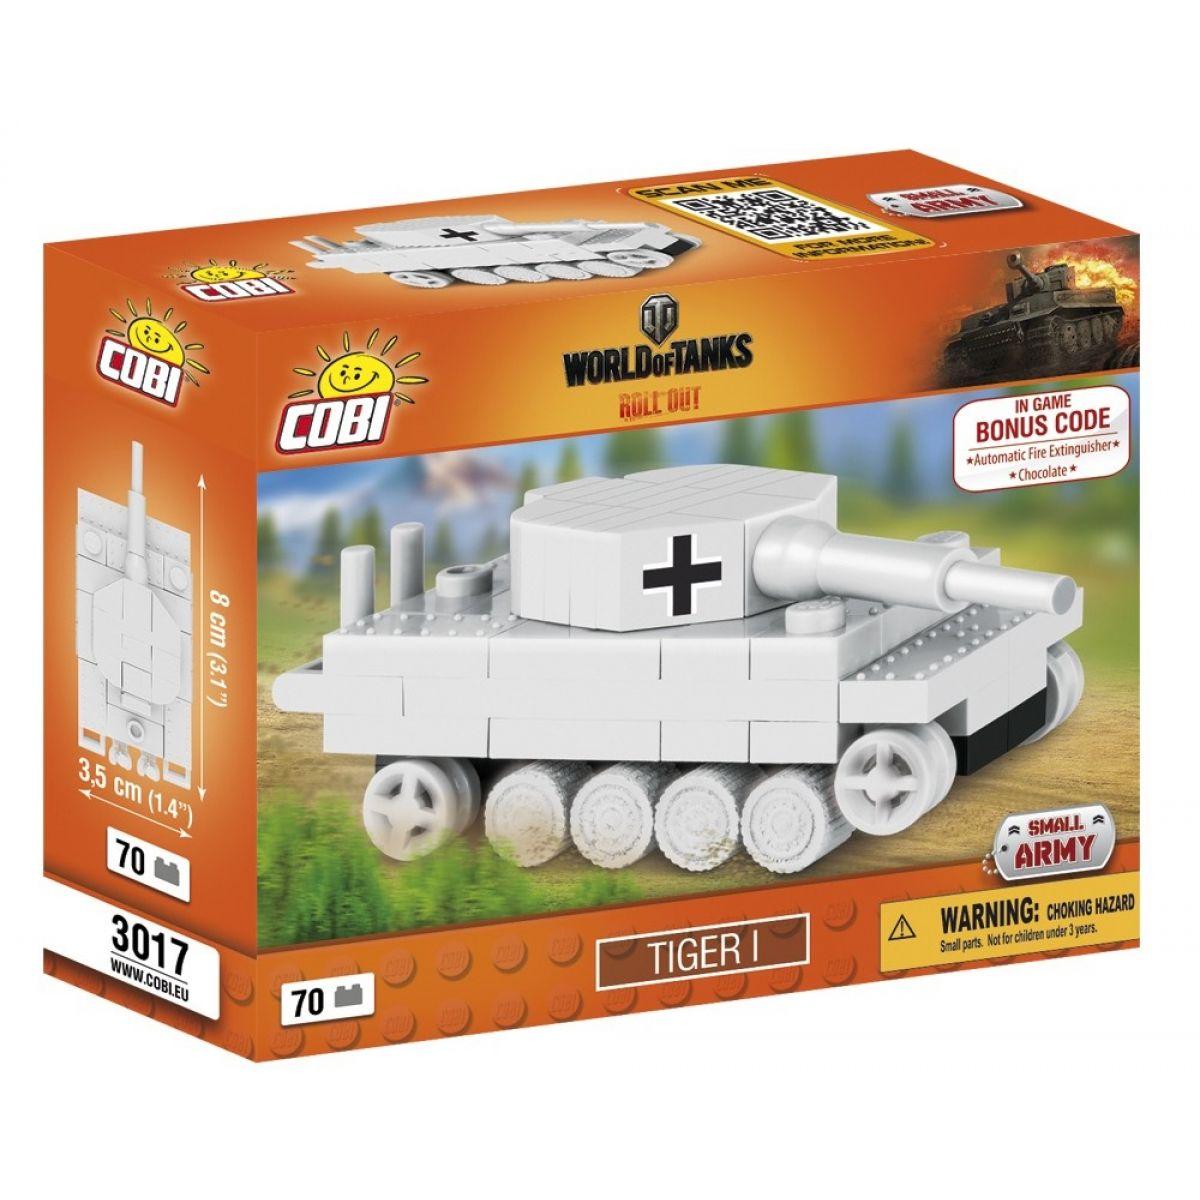 Cobi Malá armáda 3017 World of Tanks Nano Tank Tiger I